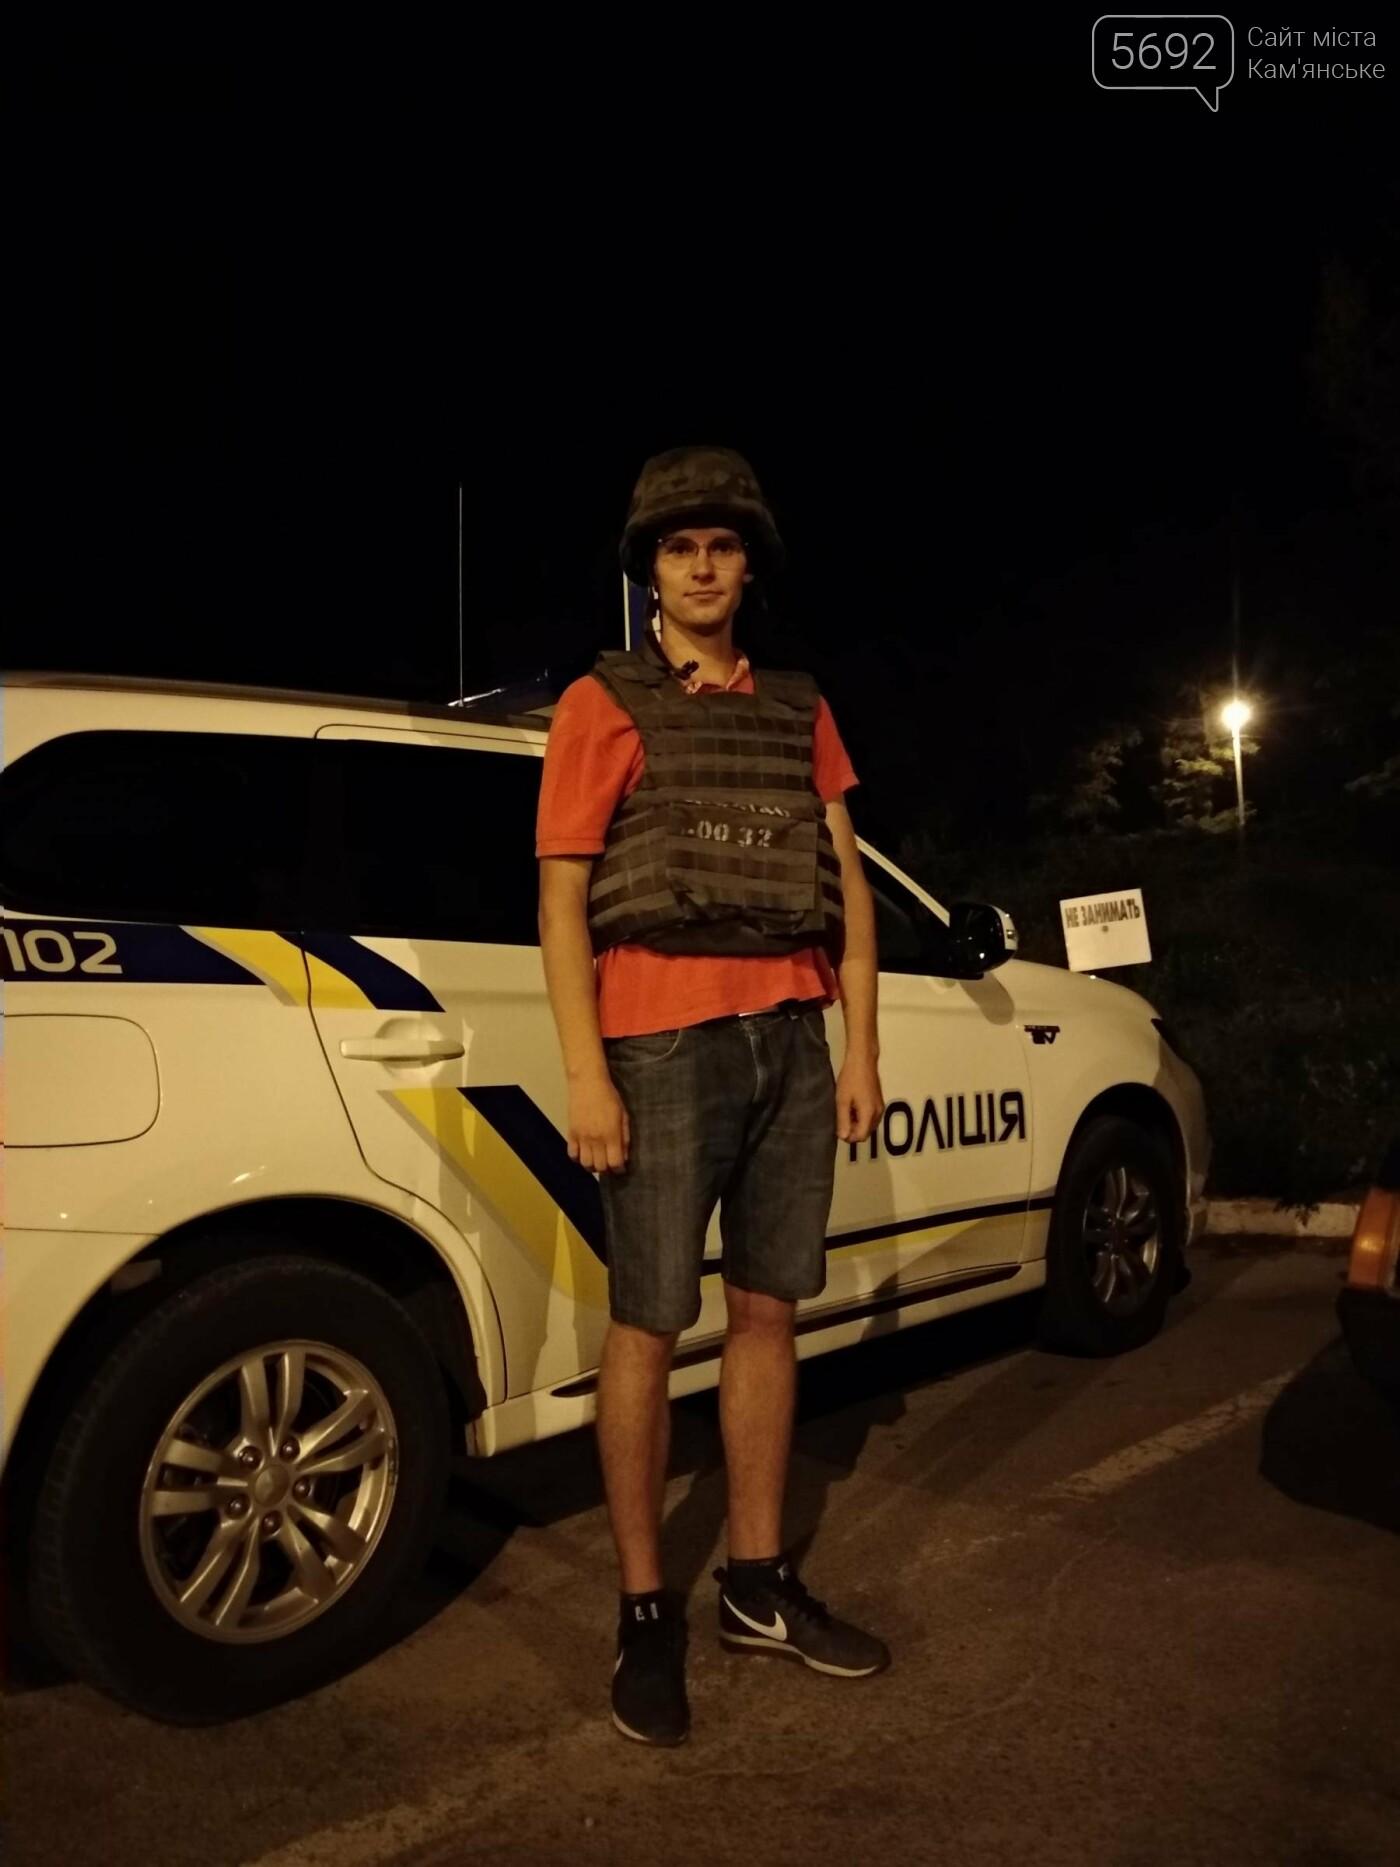 Одна ночь из жизни патрульных Каменского, фото-16